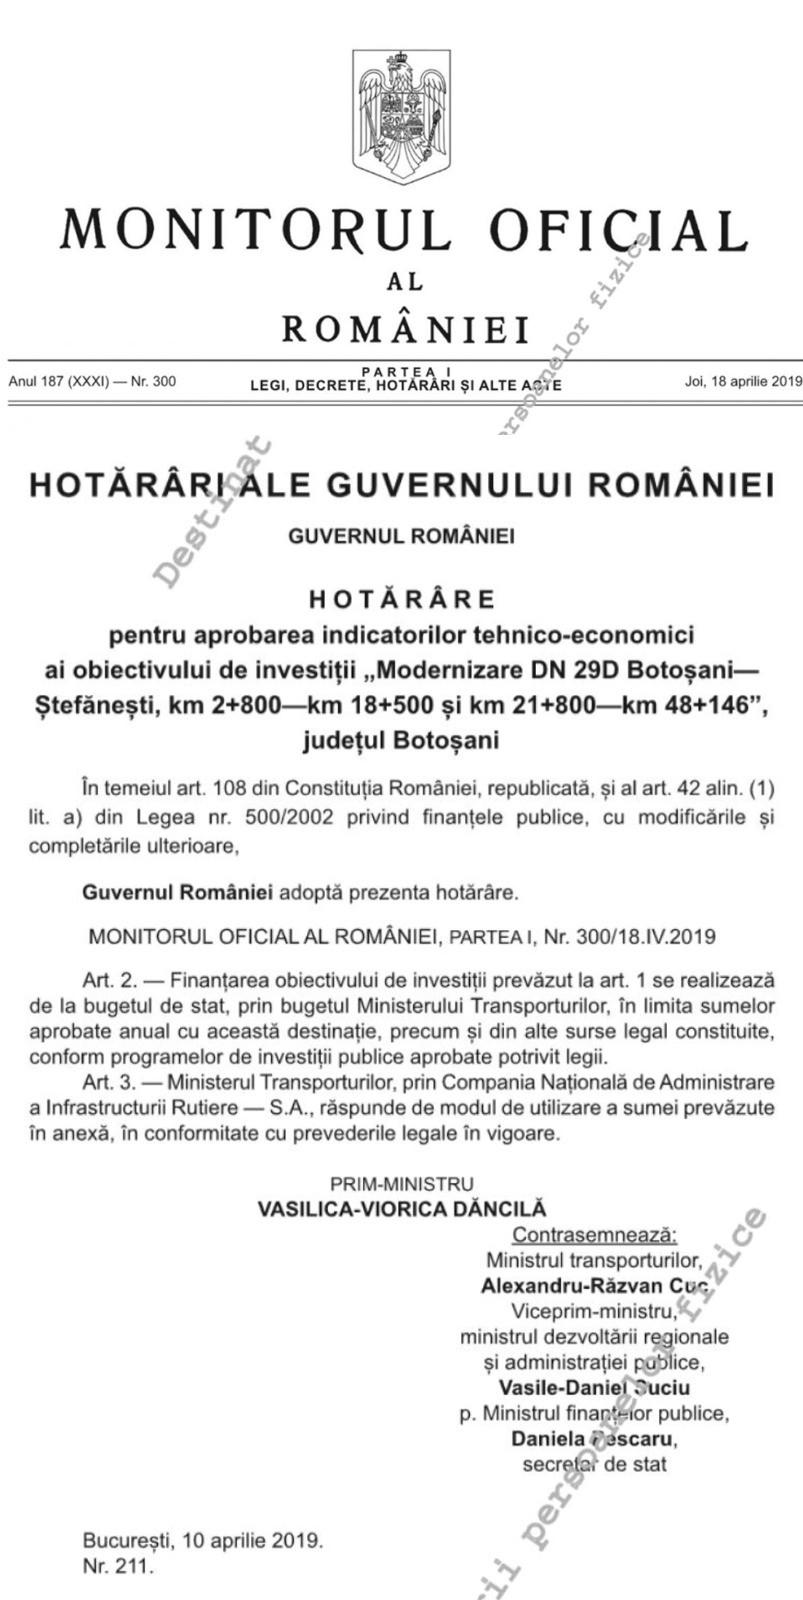 Ipocrizia liberalilor din Botoșani nu are limite! PSD prezintă dovada clară că drumul Botoșani-Ștefănești a primit finanțare și va fi modernizat datorită Guvernului Dăncilă